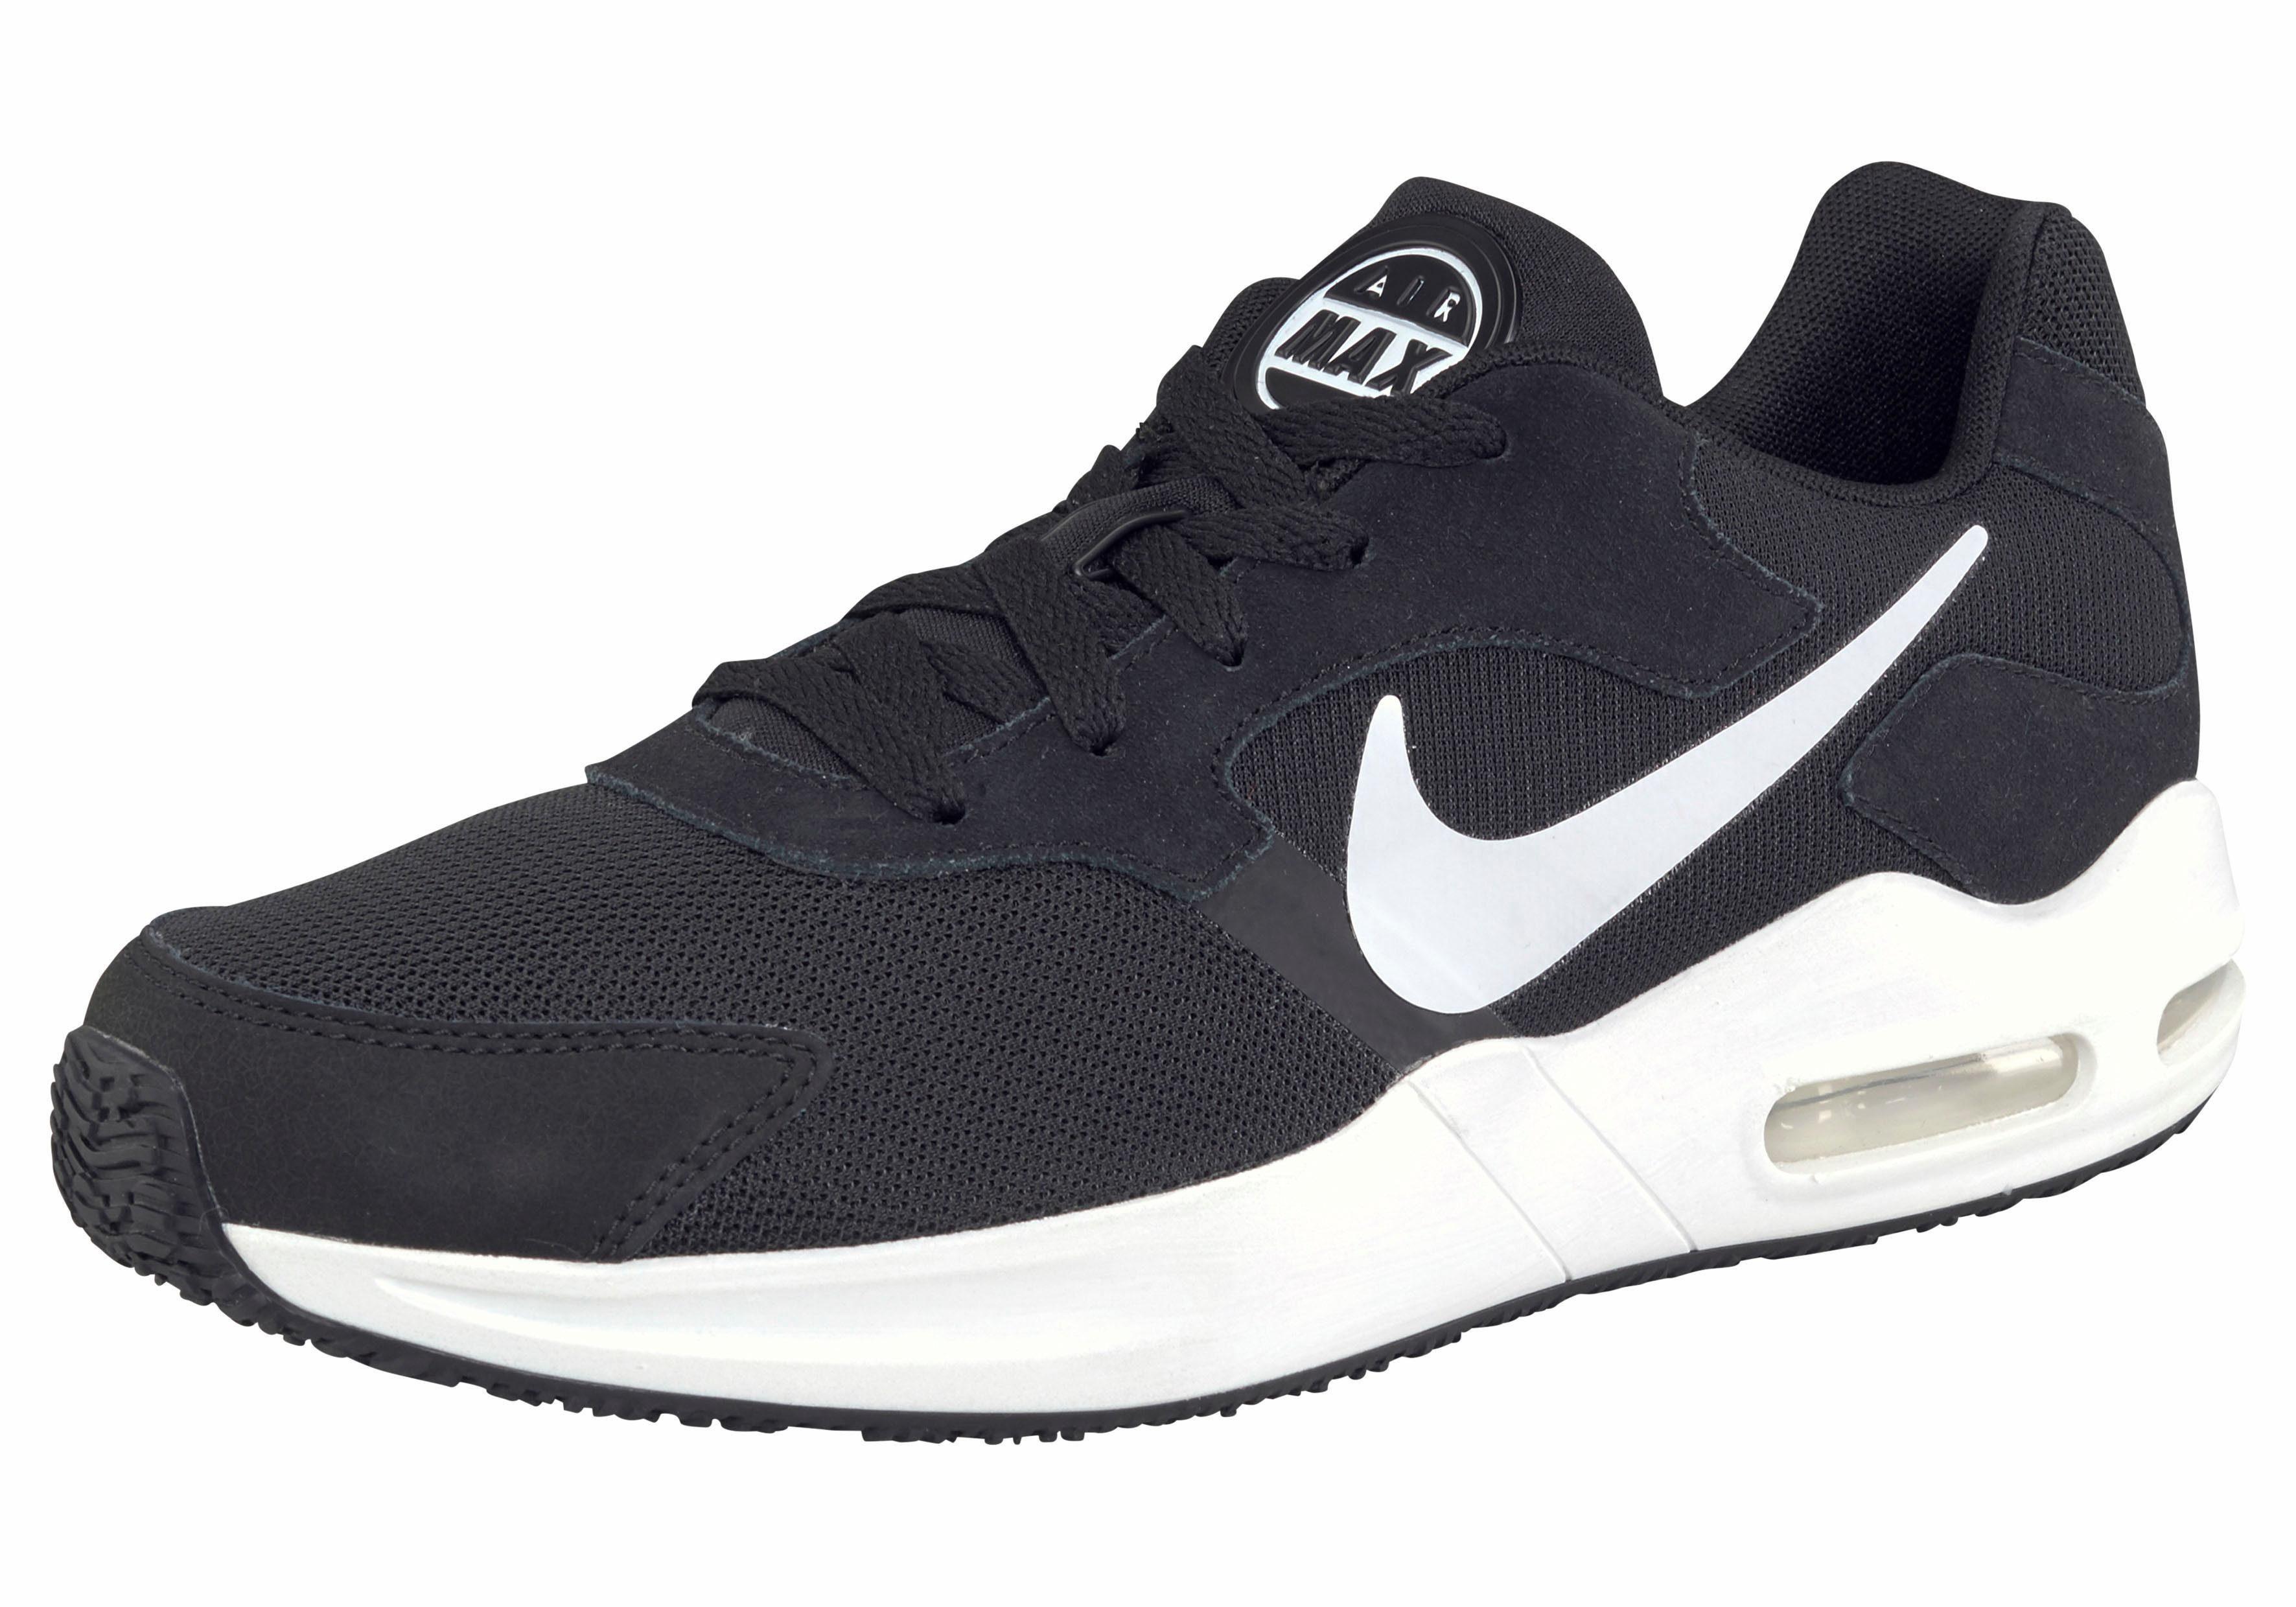 Nike Sportswear »Air Max Guile« Sneaker, Strukturierte Gummilaufsohle online kaufen | OTTO